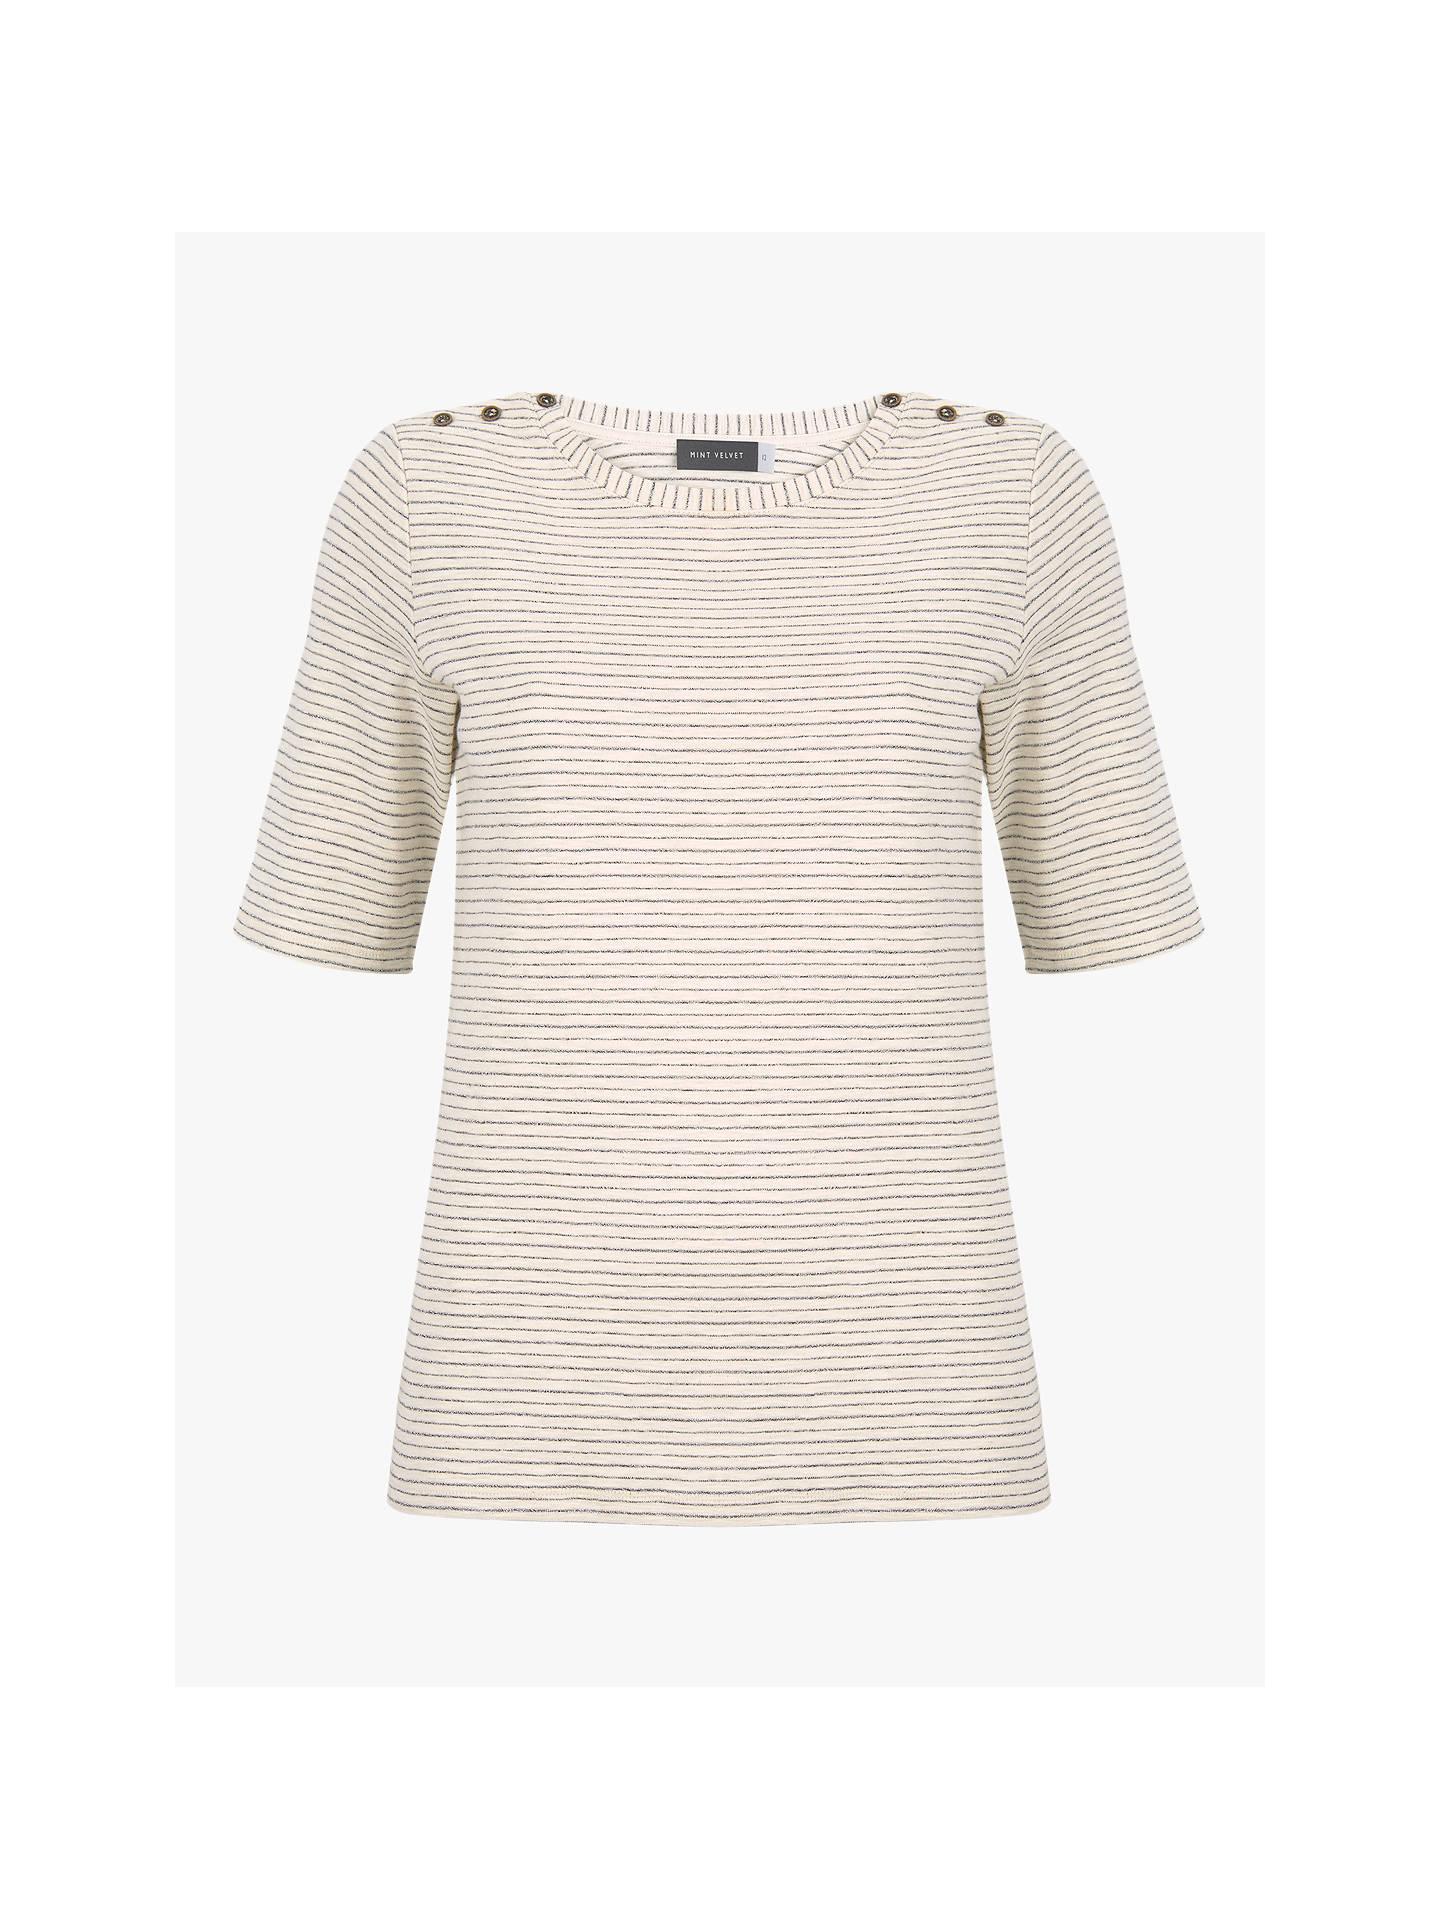 d6d2543882 Buy Mint Velvet Thin Striped Short Sleeve T-Shirt, Ecru/Silver, XS ...